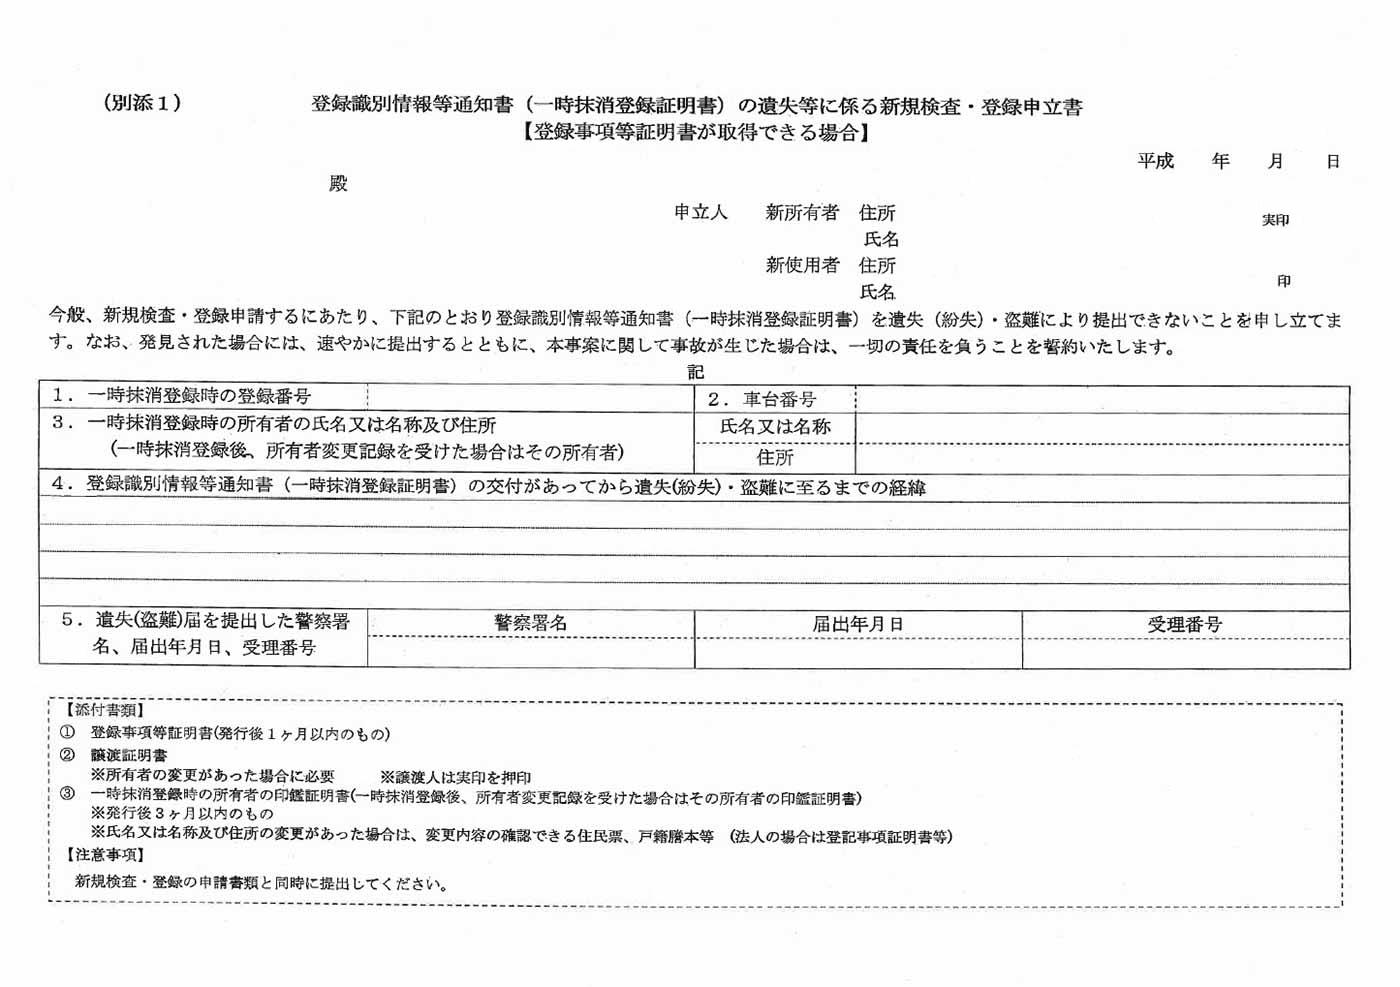 登録識別情報等通知書(一時抹消登録証明書)の遺失等に係る新規検査・登録申立書